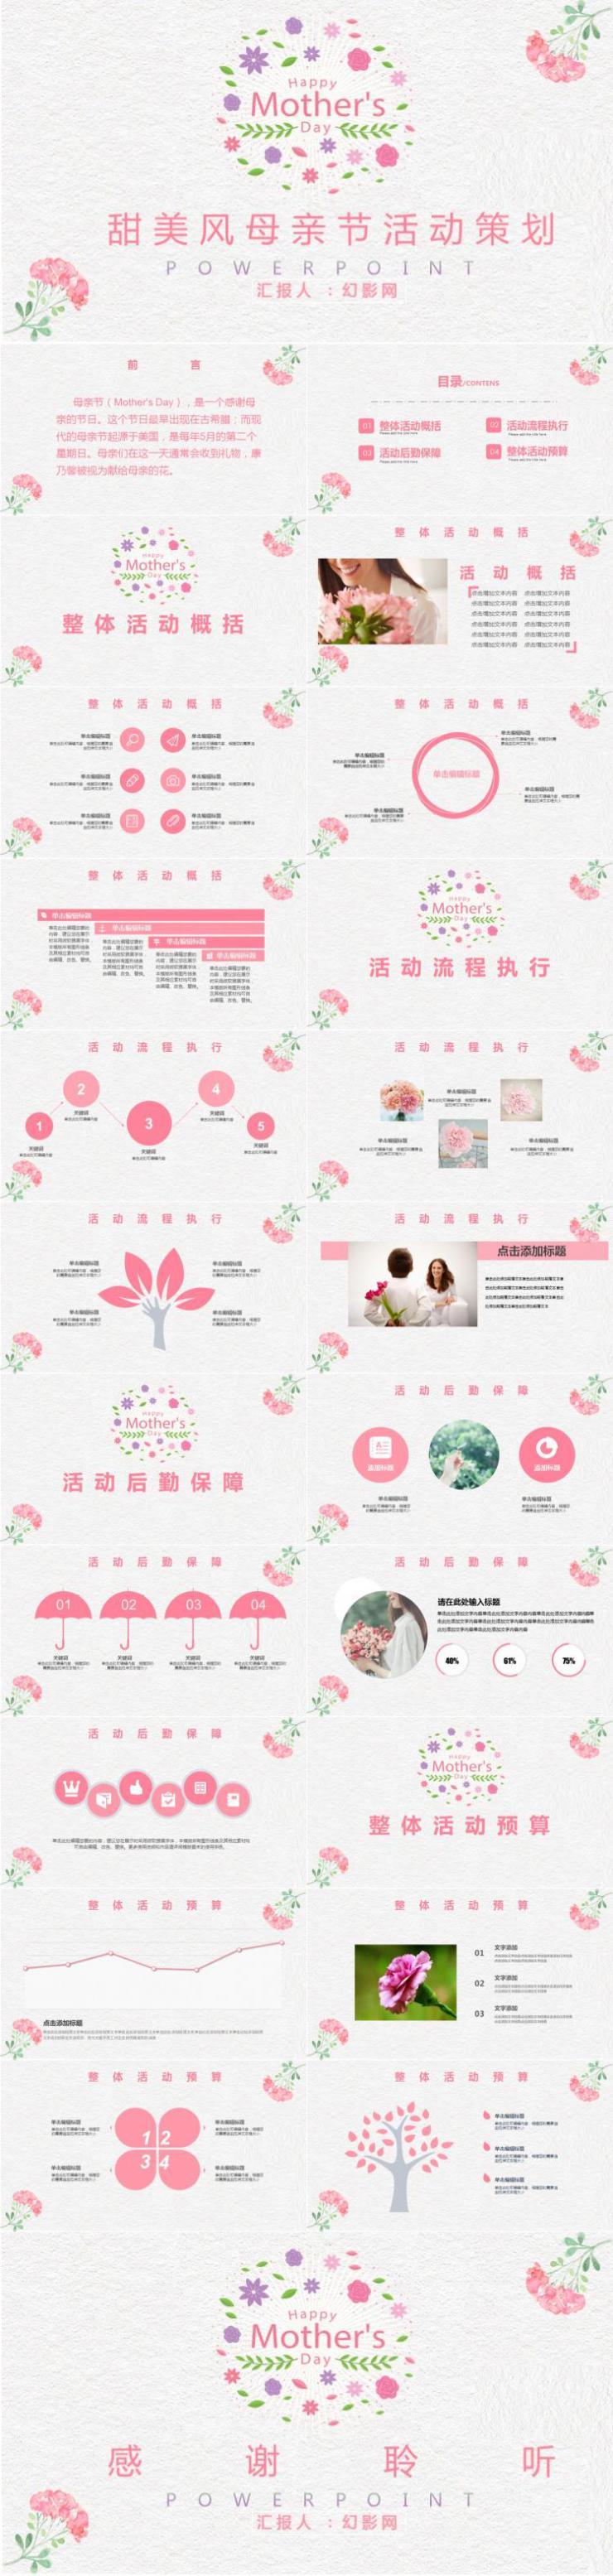 甜美风母亲节活动策划PPT模板